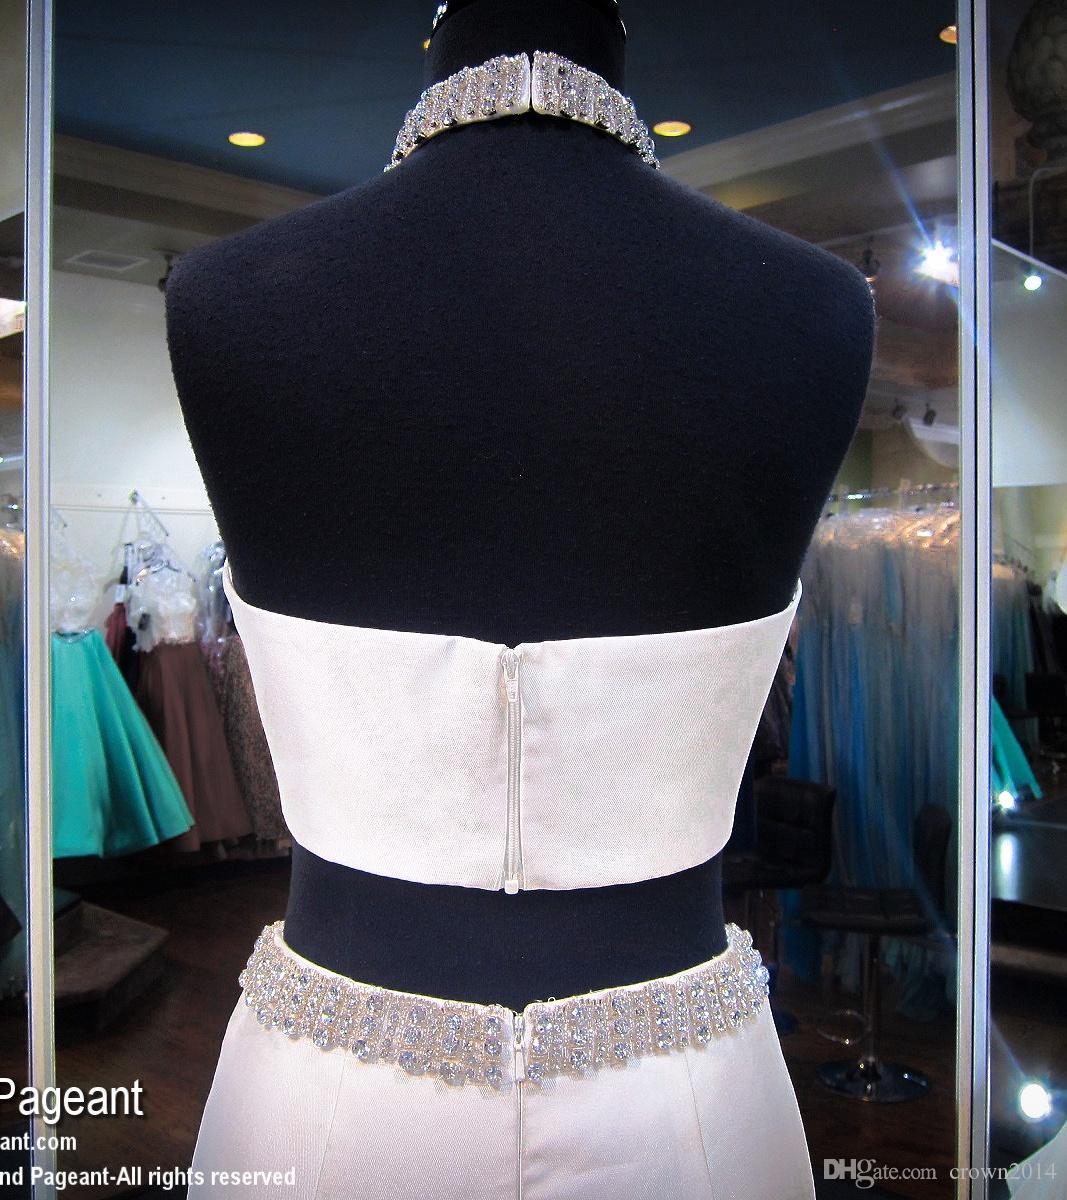 Avorio Illusion Ilusion Neck Due Piece Mermaid Prom Dresses 2021 Ruffle Beaded Formale celebrità Abiti da sera Elegante satinato all'aperto